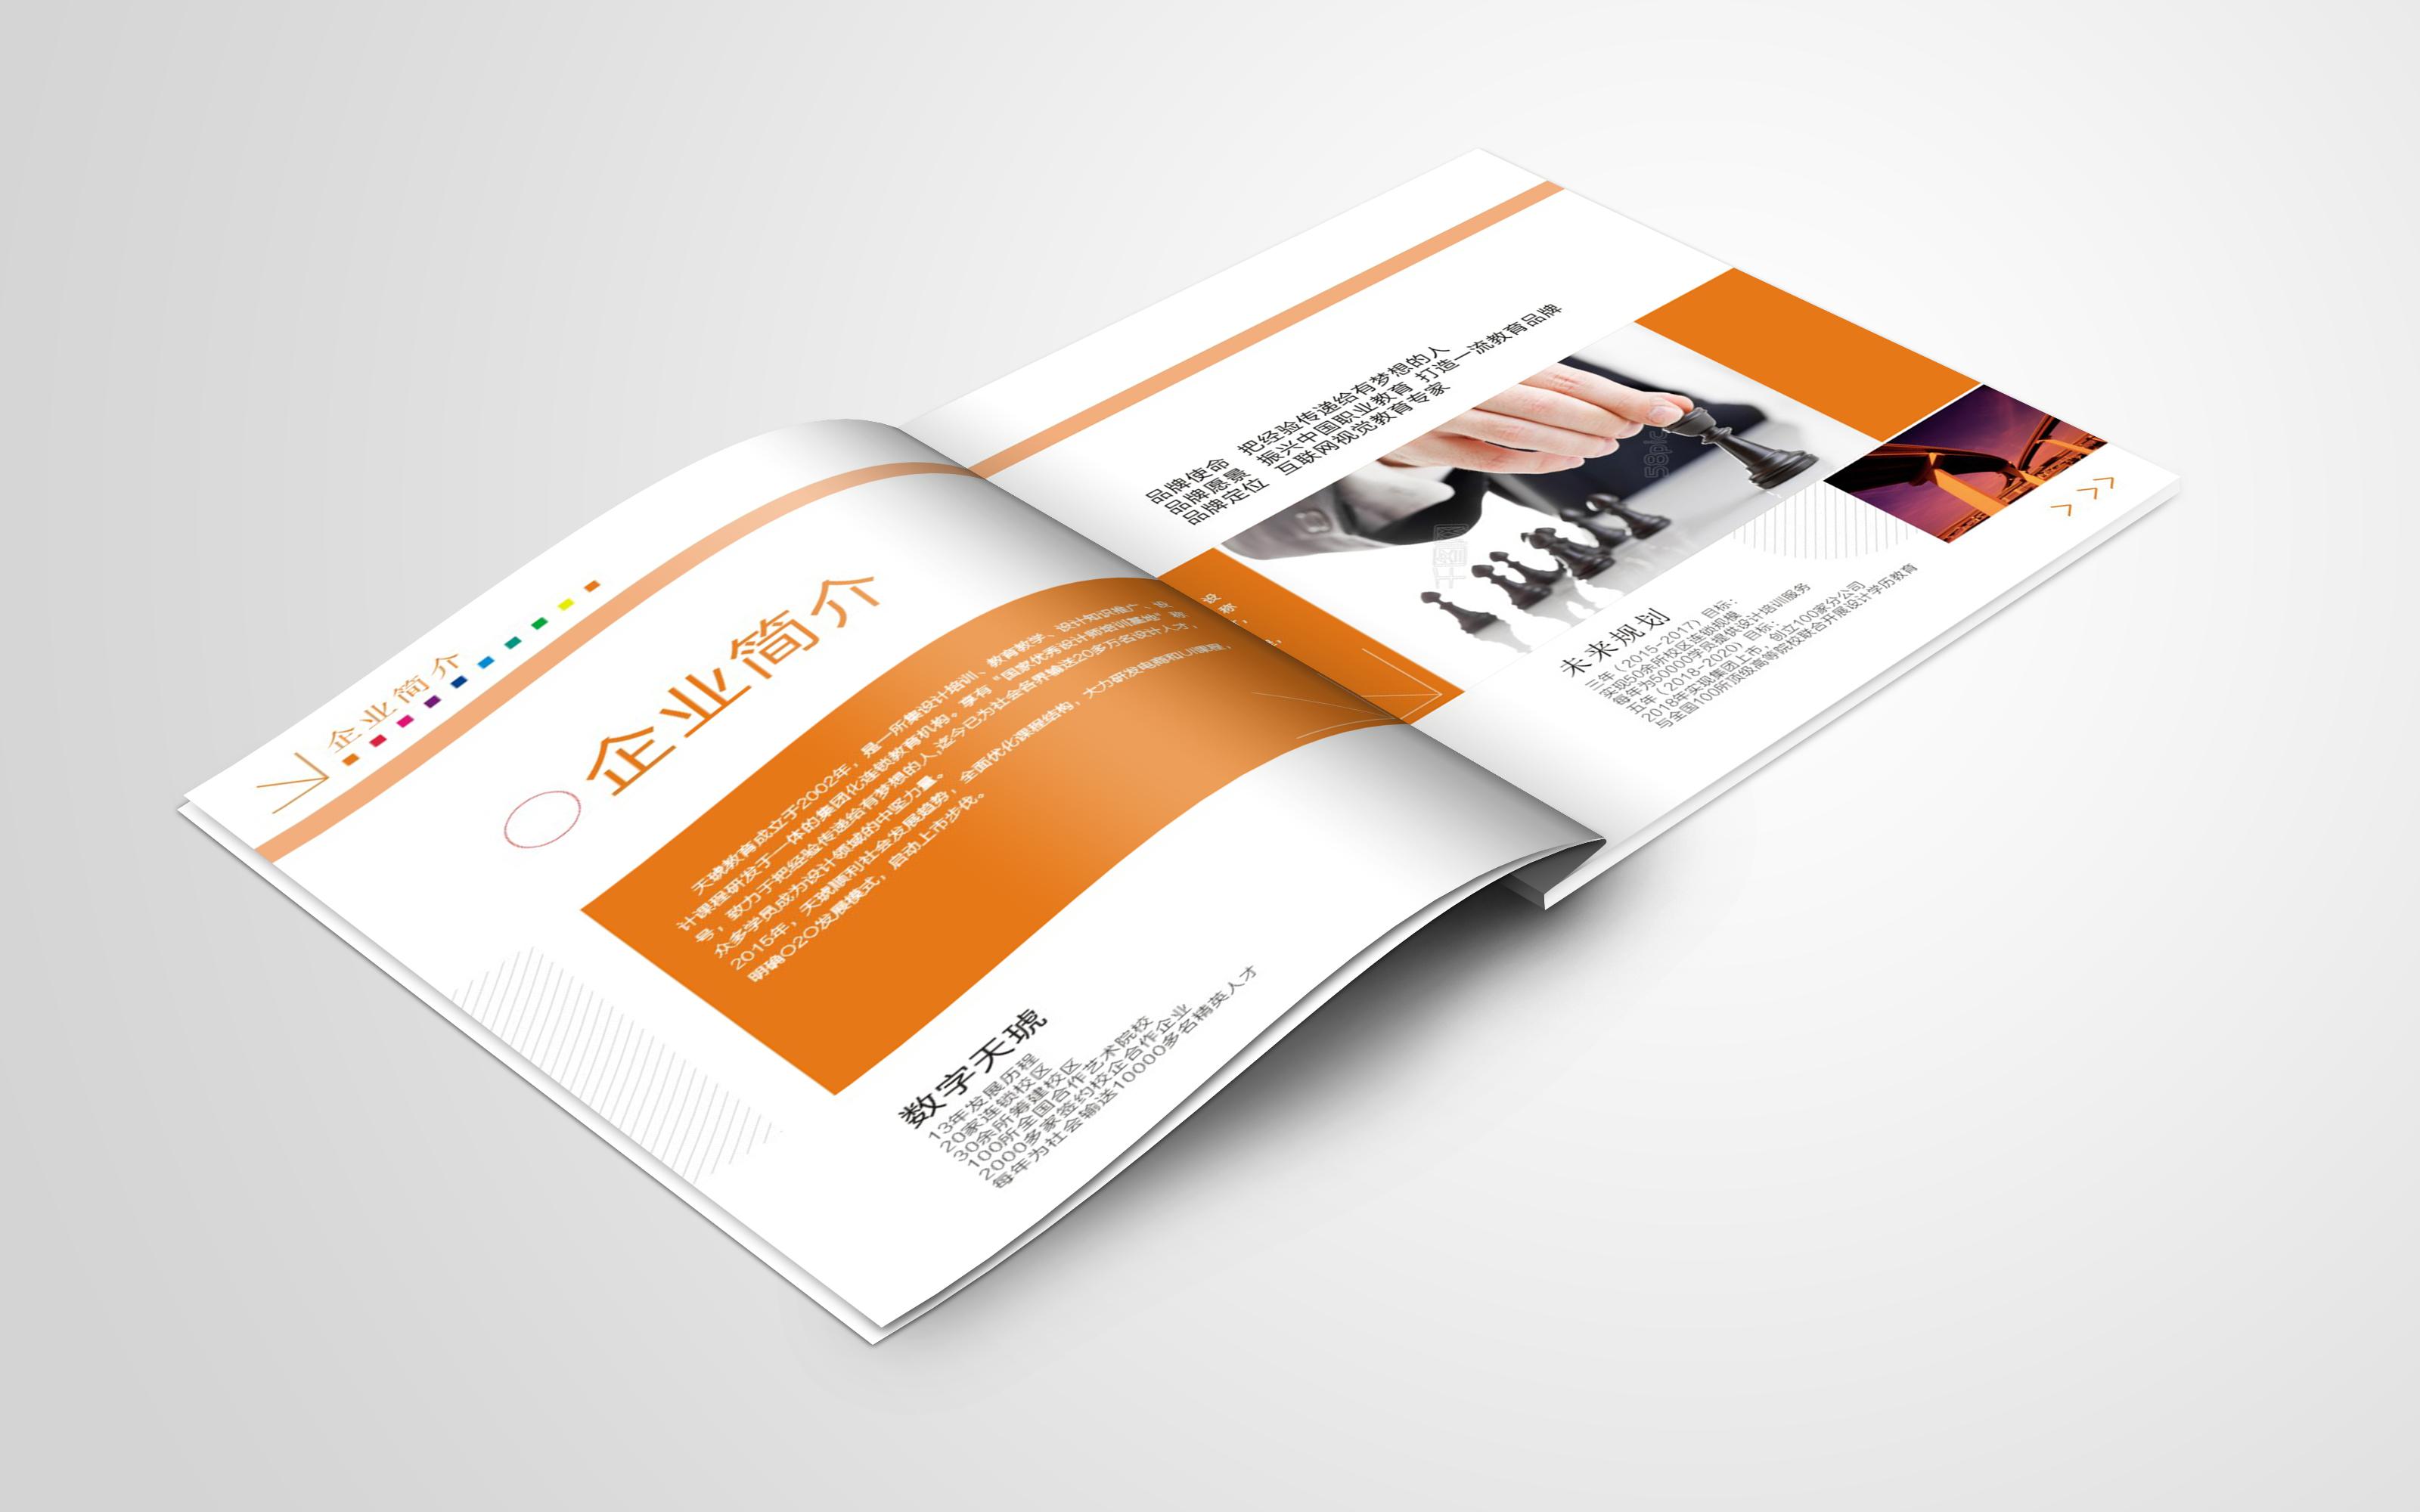 第14天作业:修改优化画册的设计/内页设计.